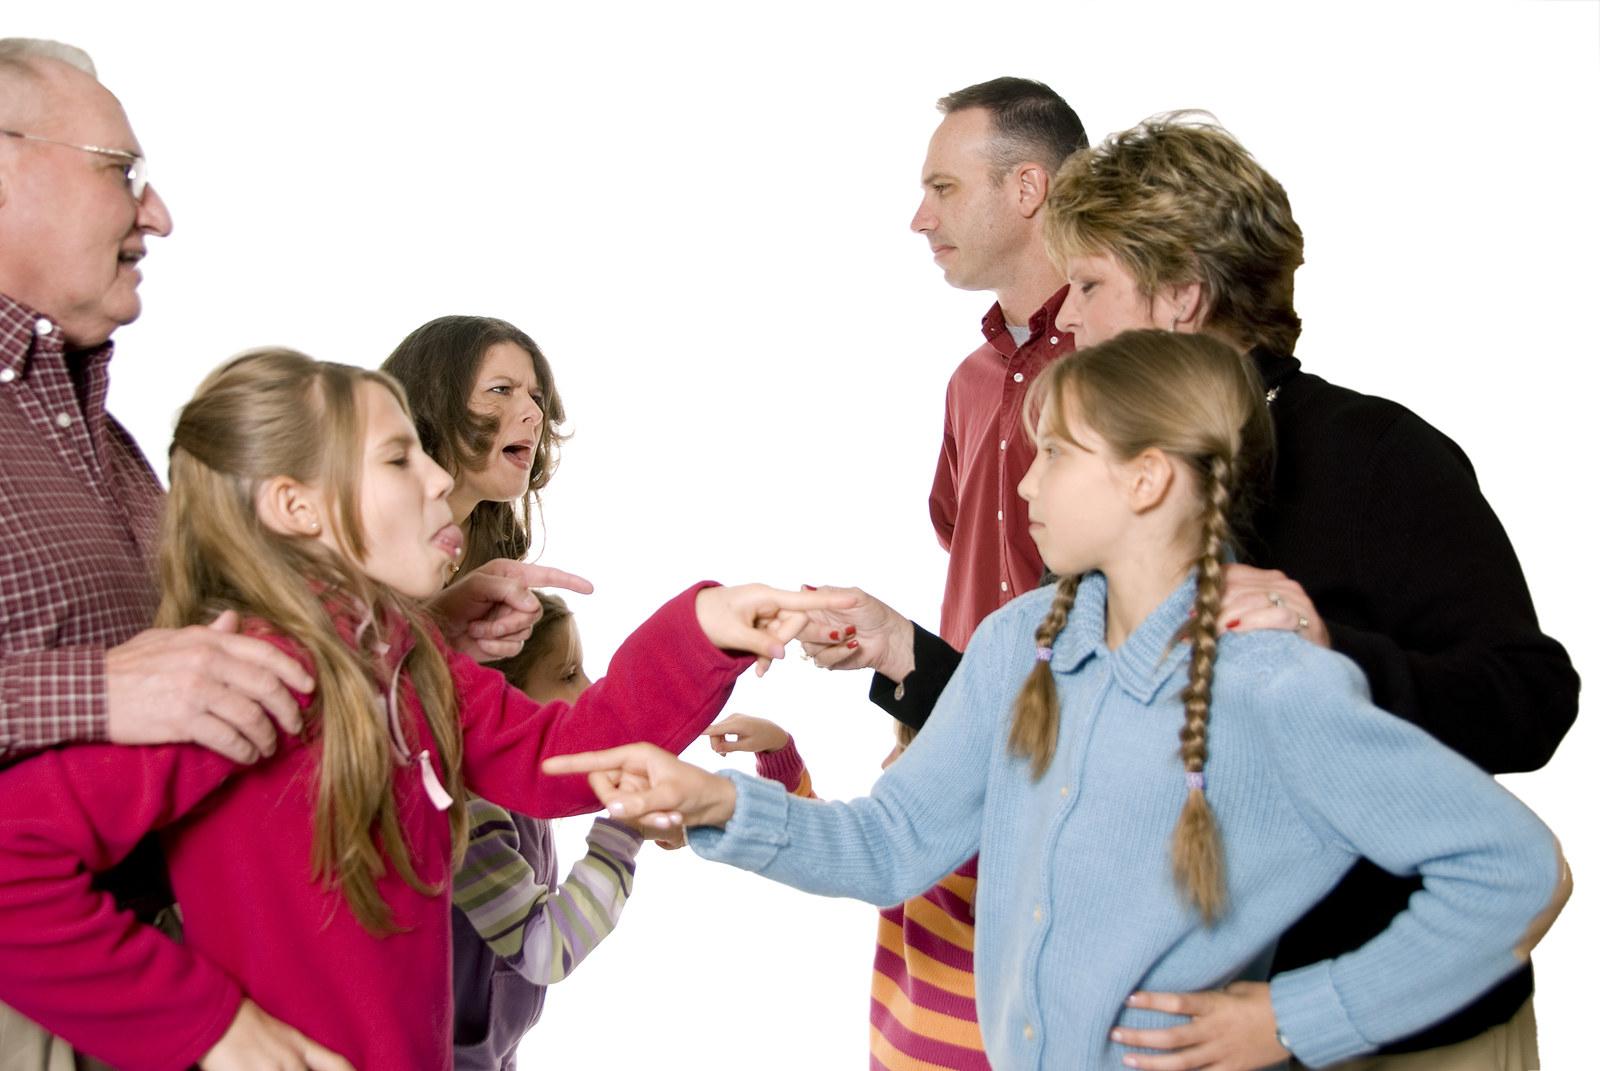 неуважение в семье картинки ожидает